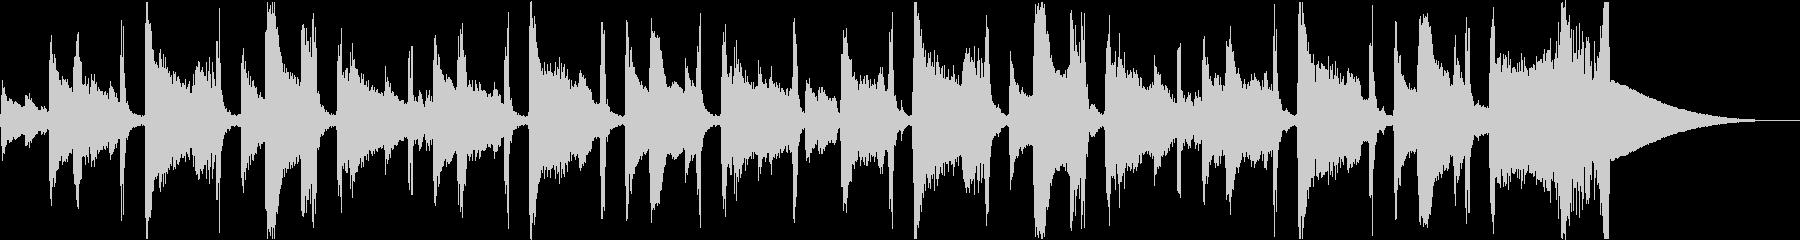 チルアウト洋楽CMアコギヒップホップcの未再生の波形